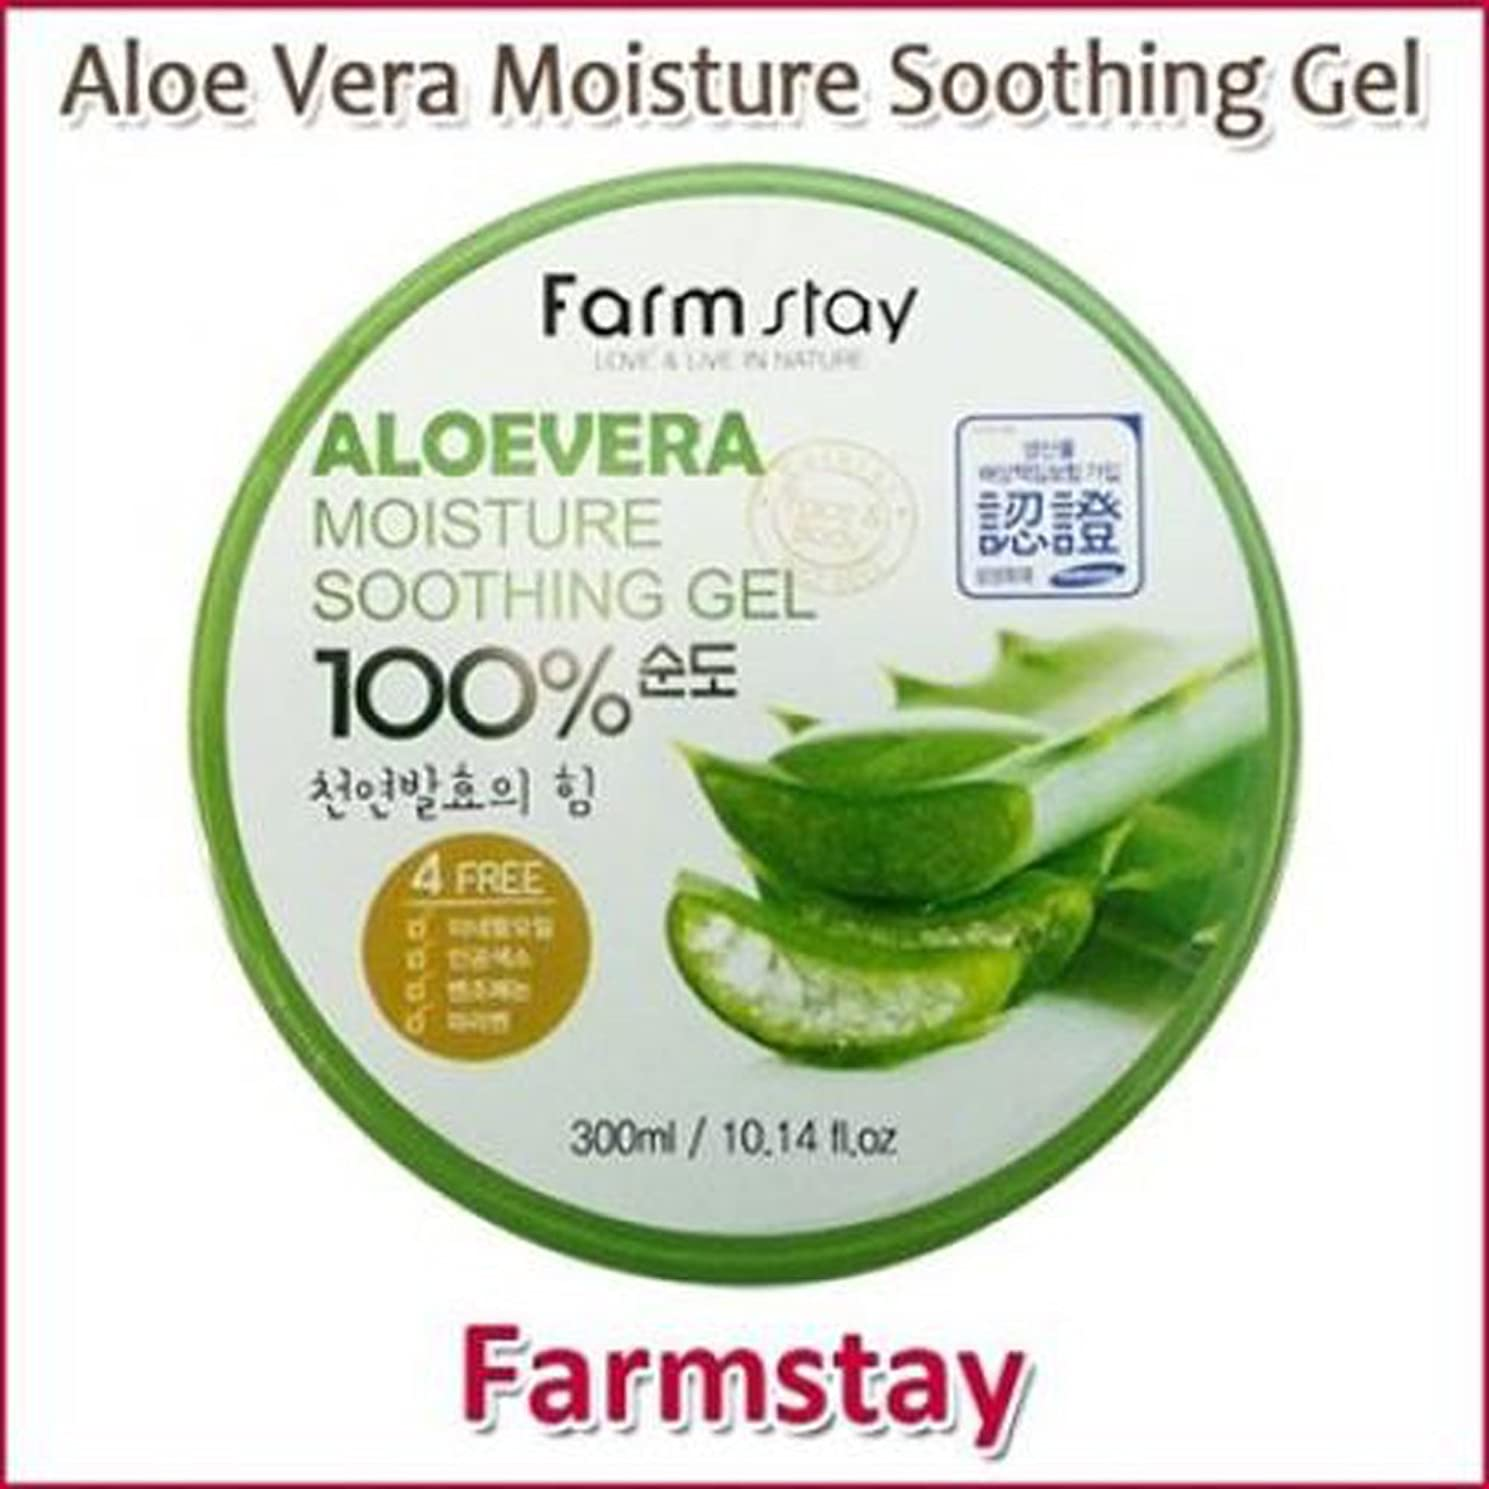 ステッチアラスカ先生Farm Stay Aloe Vera Moisture Soothing Gel 300ml /オーガニック アロエベラゲル 100%/保湿ケア/韓国コスメ/Aloe Vera 100% /Moisturizing [並行輸入品]